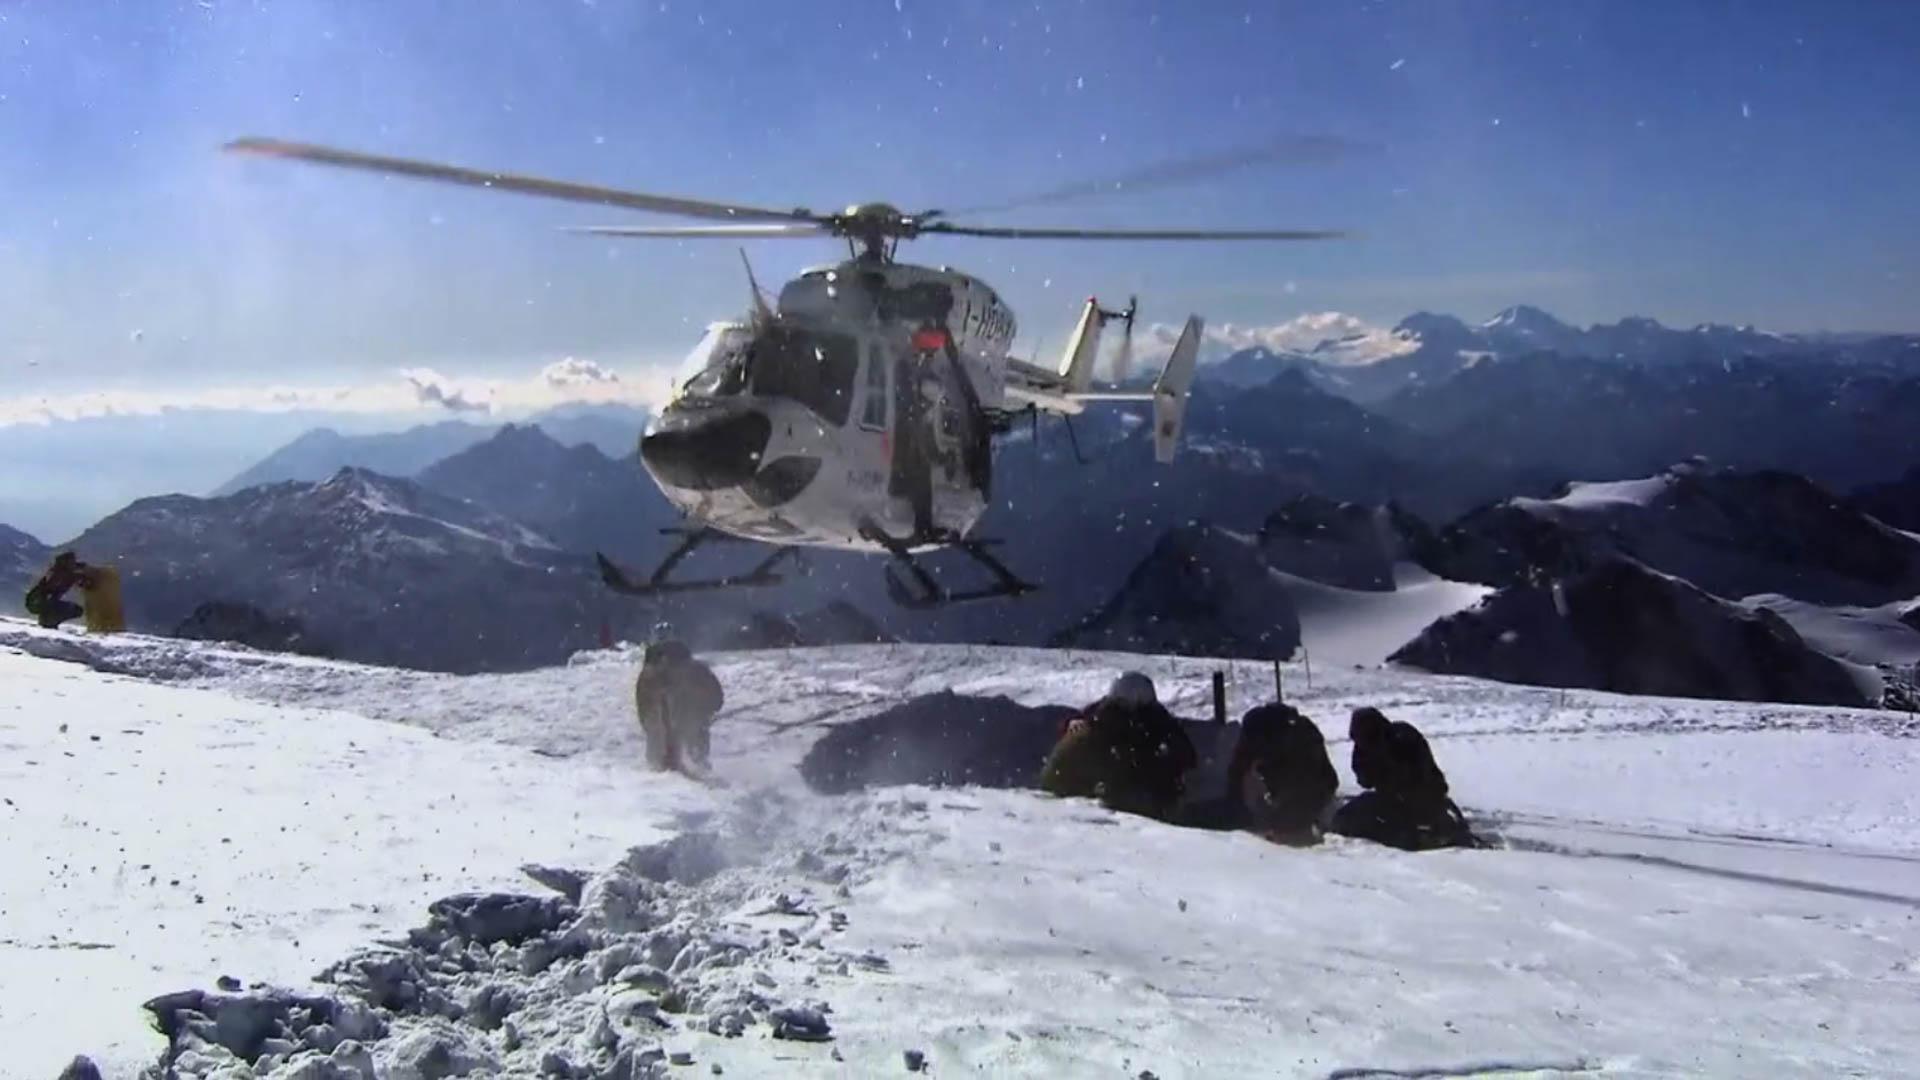 RTL 2: Notruf – Rettung aus der Luft